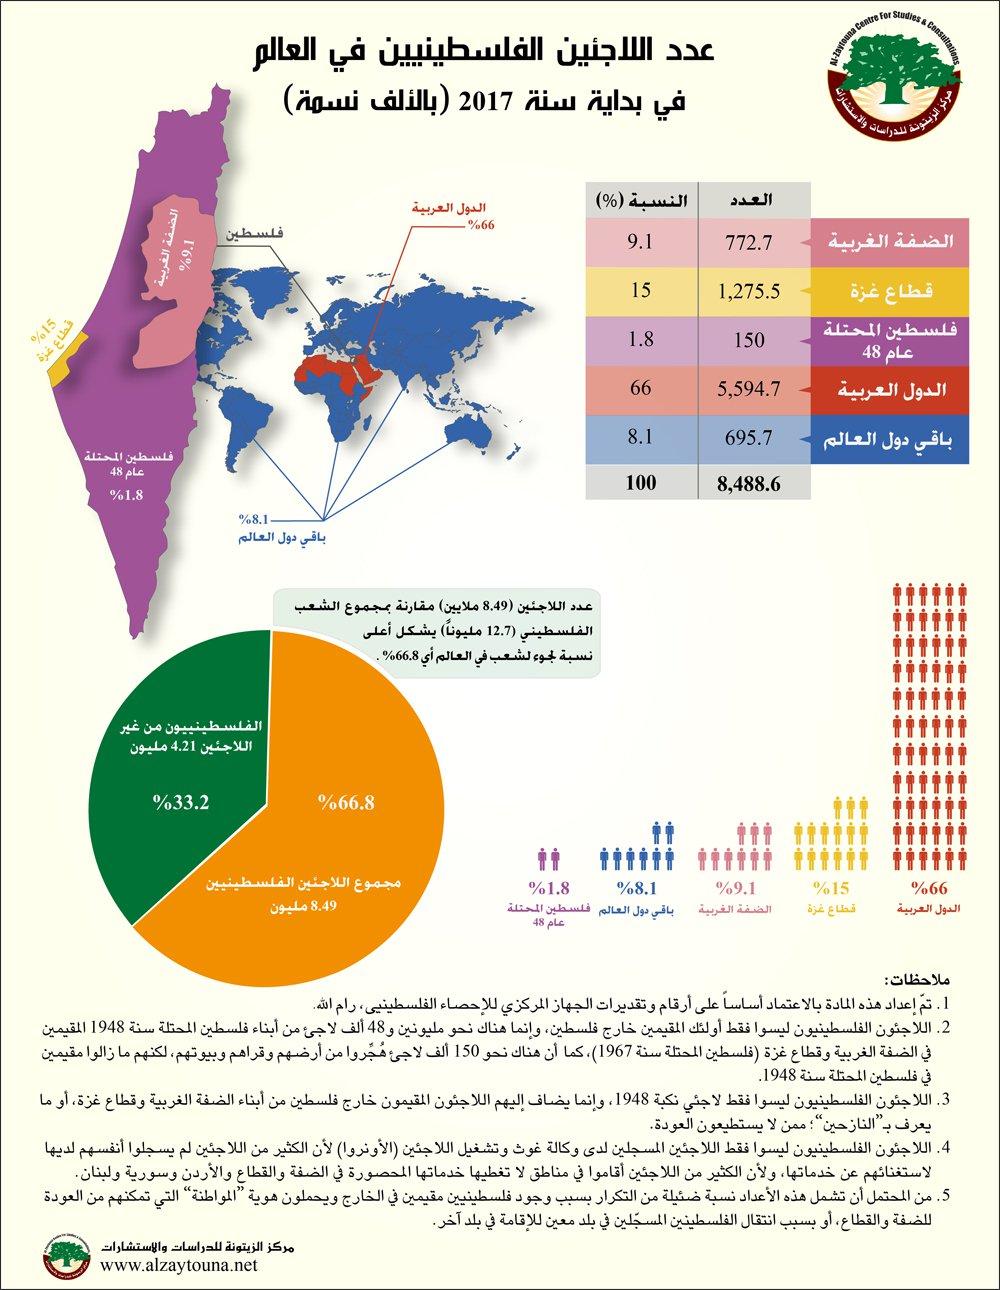 أعداد اللاجئين الفلسطينيين في العالم